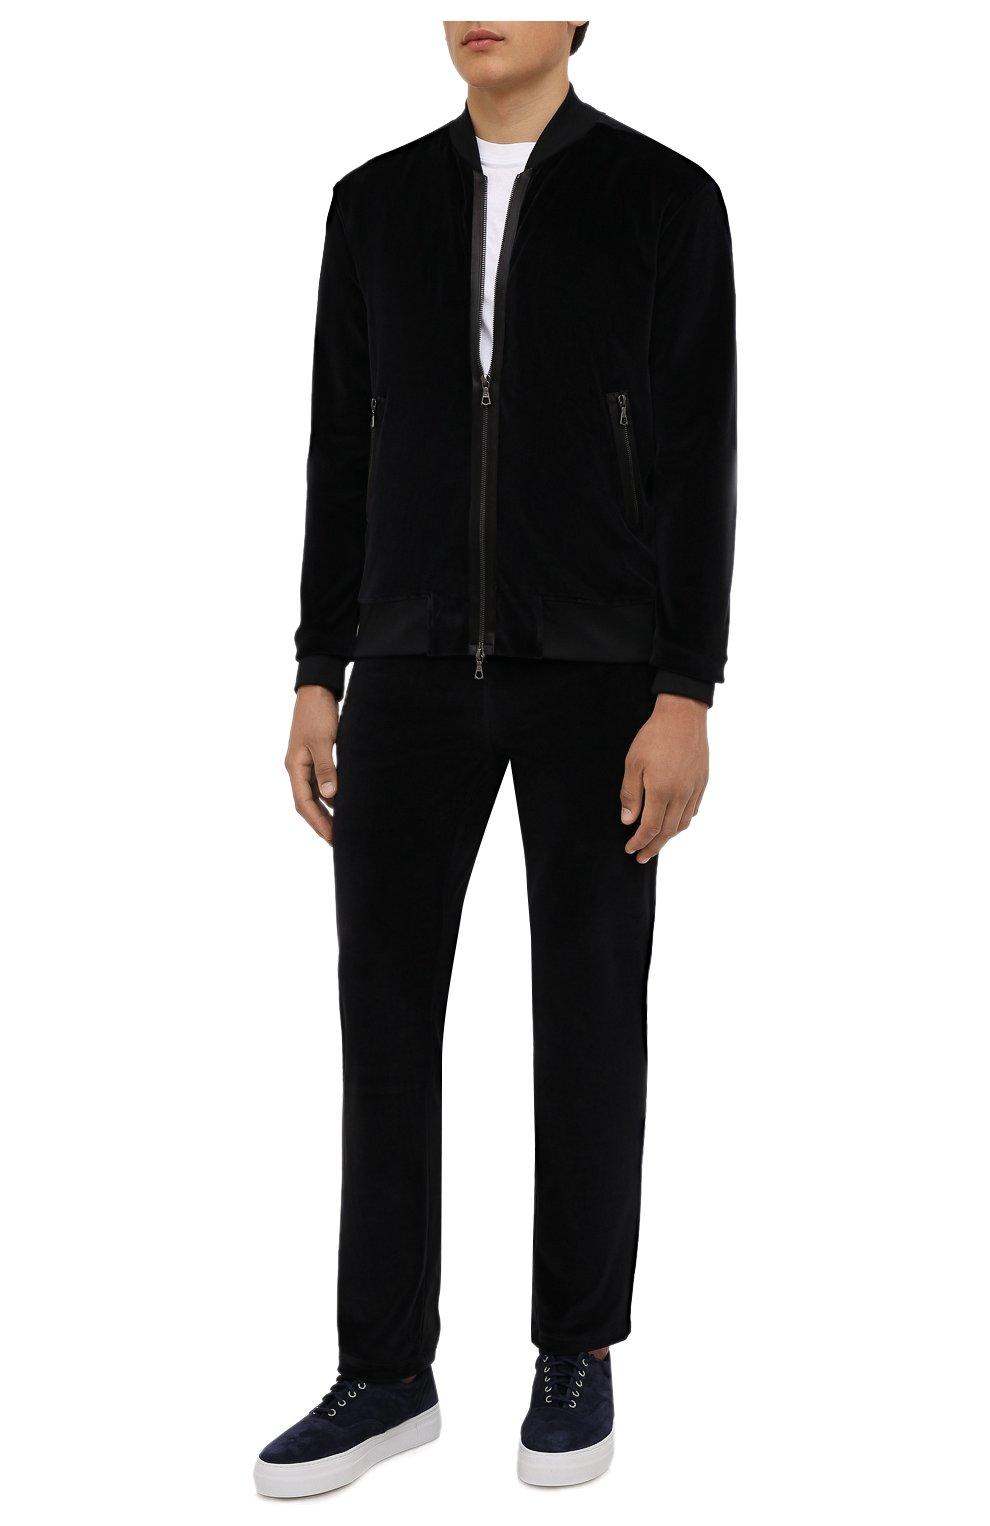 Мужской хлопковый бомбер LIMITATO черного цвета, арт. MARKET/ZIPPED B0MBER H00DIE | Фото 2 (Кросс-КТ: Куртка; Рукава: Длинные; Принт: Без принта; Материал внешний: Хлопок; Стили: Спорт-шик; Длина (верхняя одежда): Короткие; Материал подклада: Хлопок)